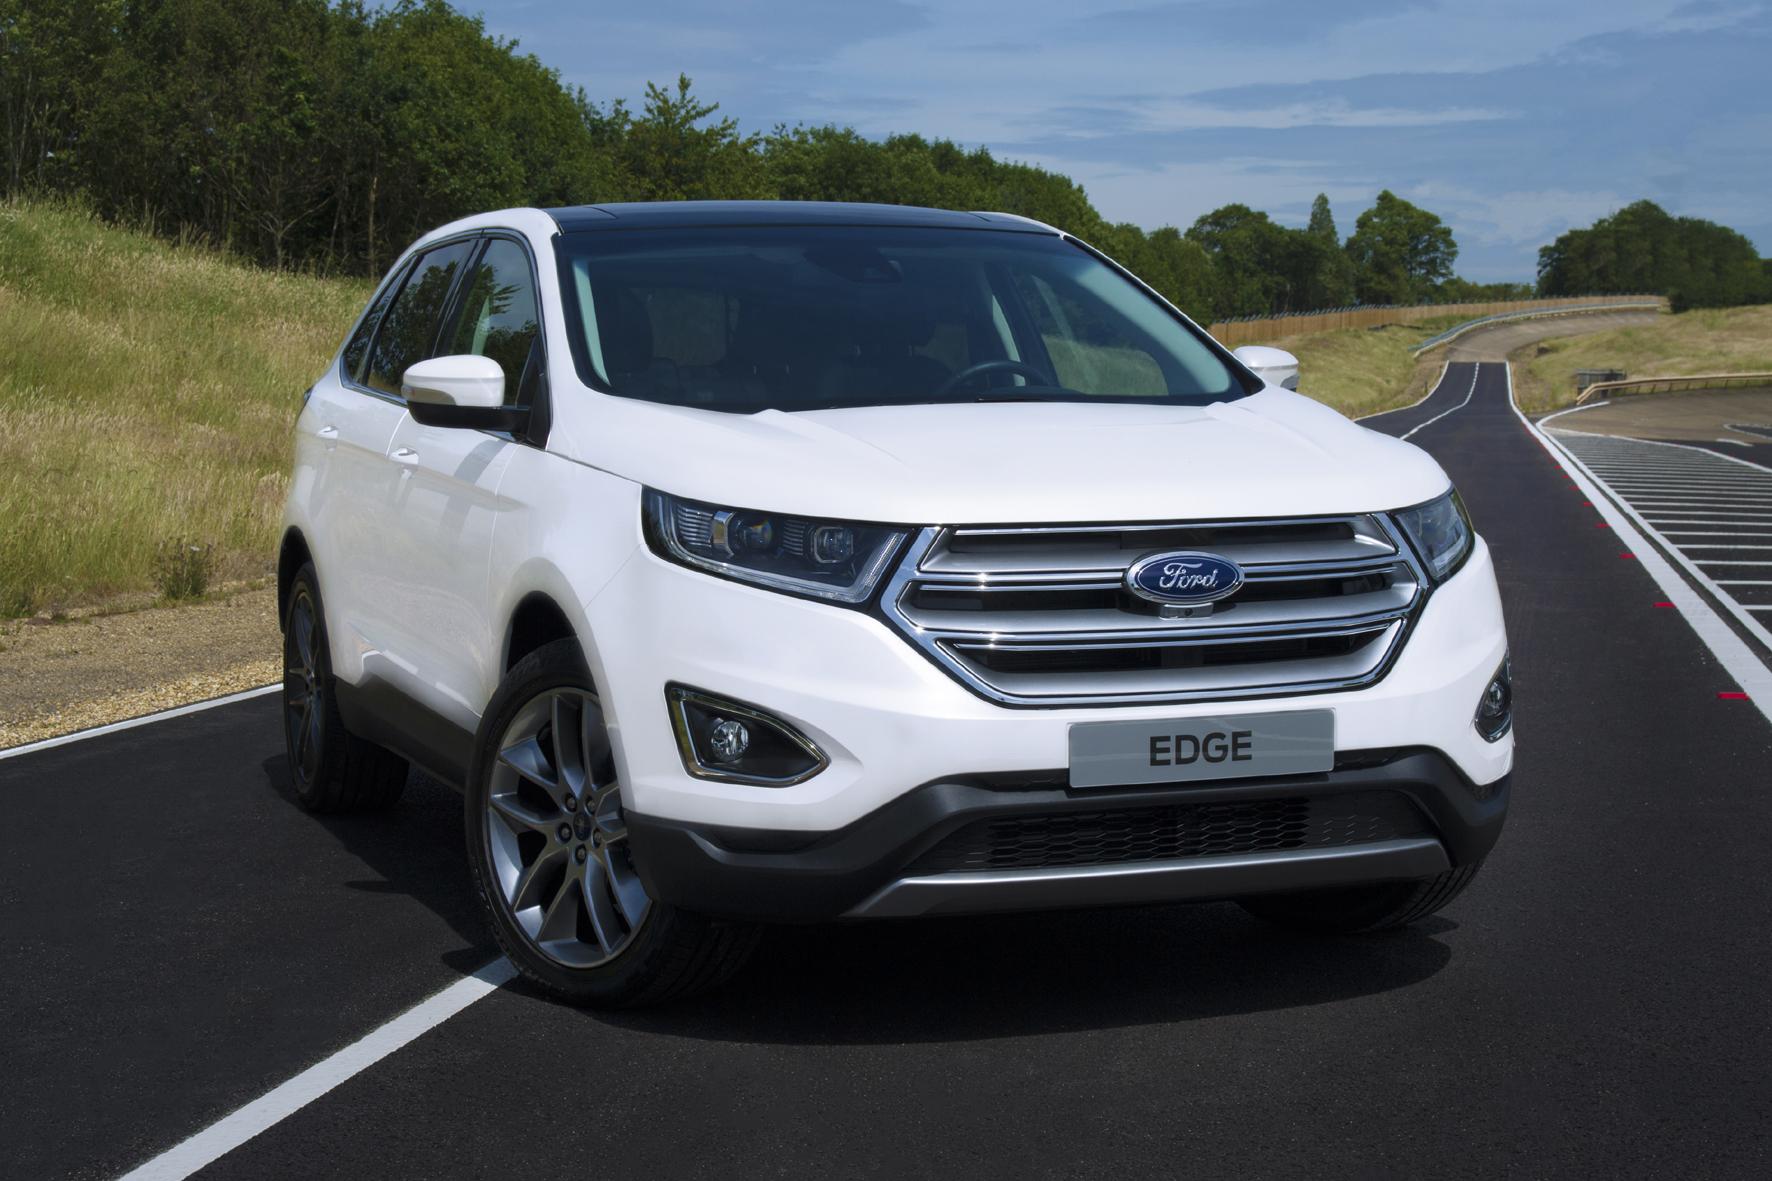 mid Düsseldorf - Ford bringt die zweite Generation seines SUV Edge Ende 2015 auch nach Deutschland. Die Europa-Version debütiert nun auf der IAA.